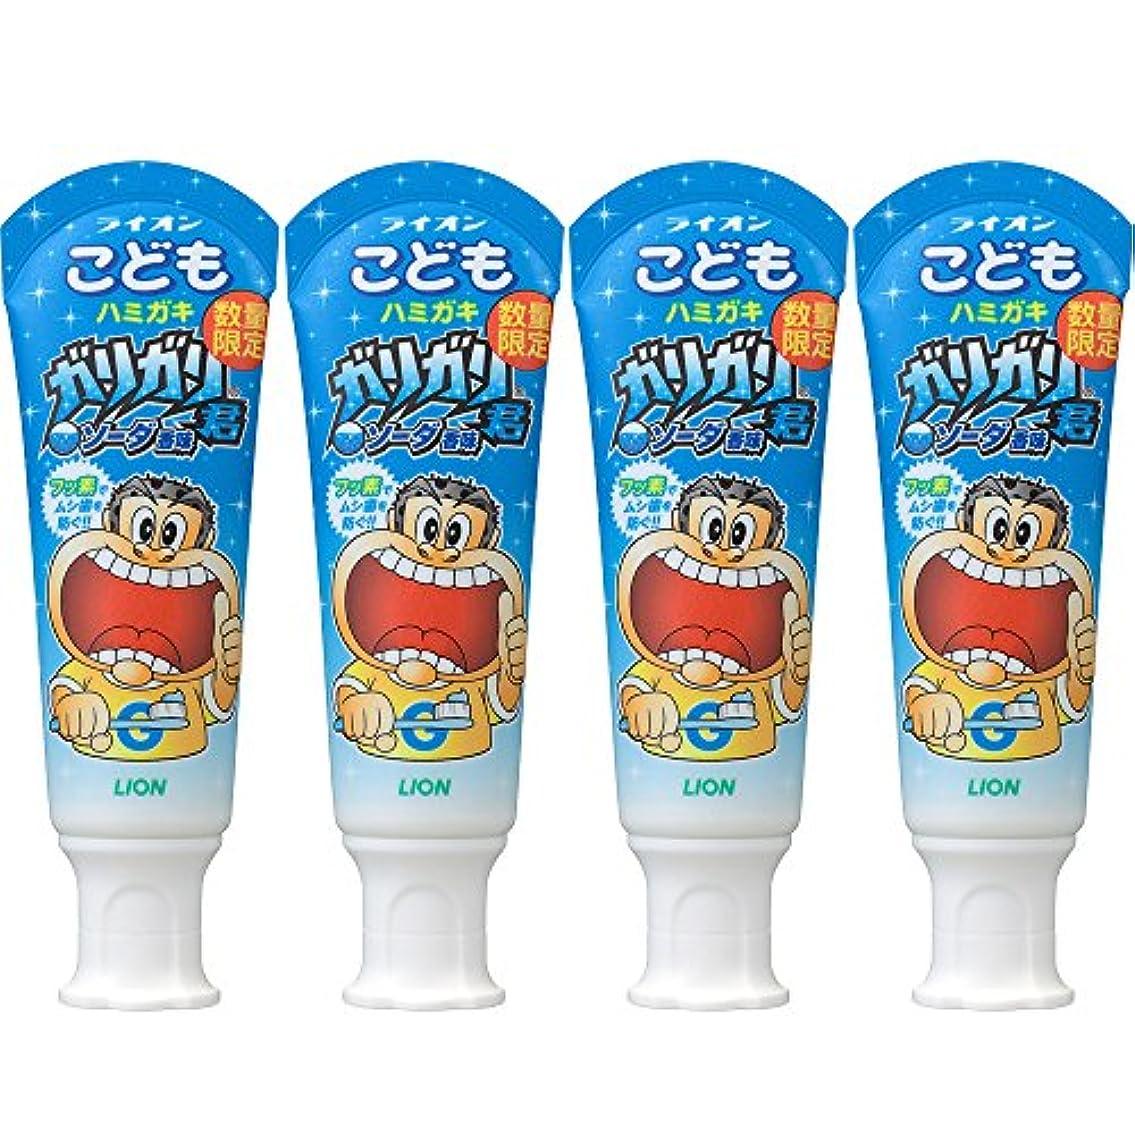 自治オーガニック辞任するライオンこどもハミガキ ガリガリくん ソーダ香味 40g 4個パック ※デザインは選べません